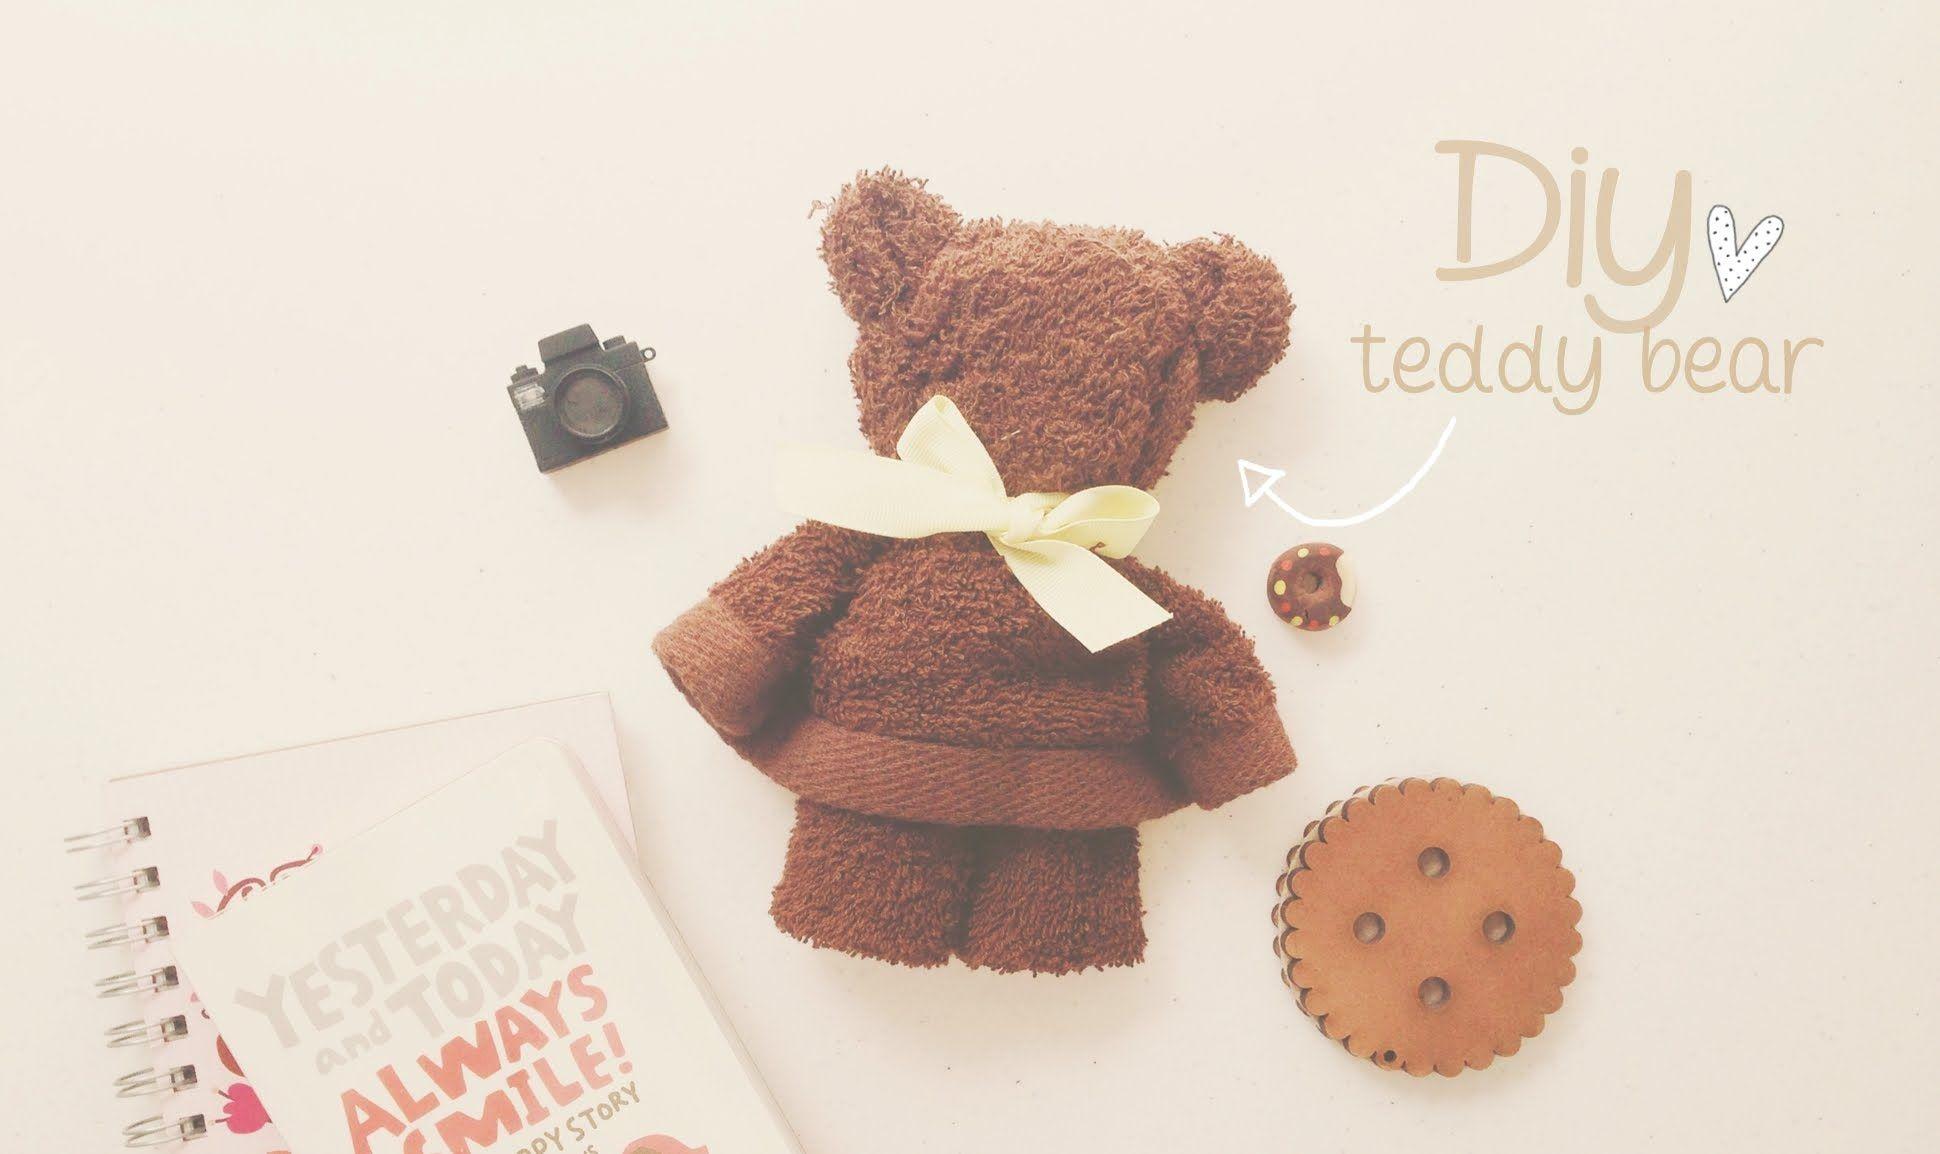 diy osito con toalla teddy bear fiestas diy pinterest handt cher geschenke y baby. Black Bedroom Furniture Sets. Home Design Ideas